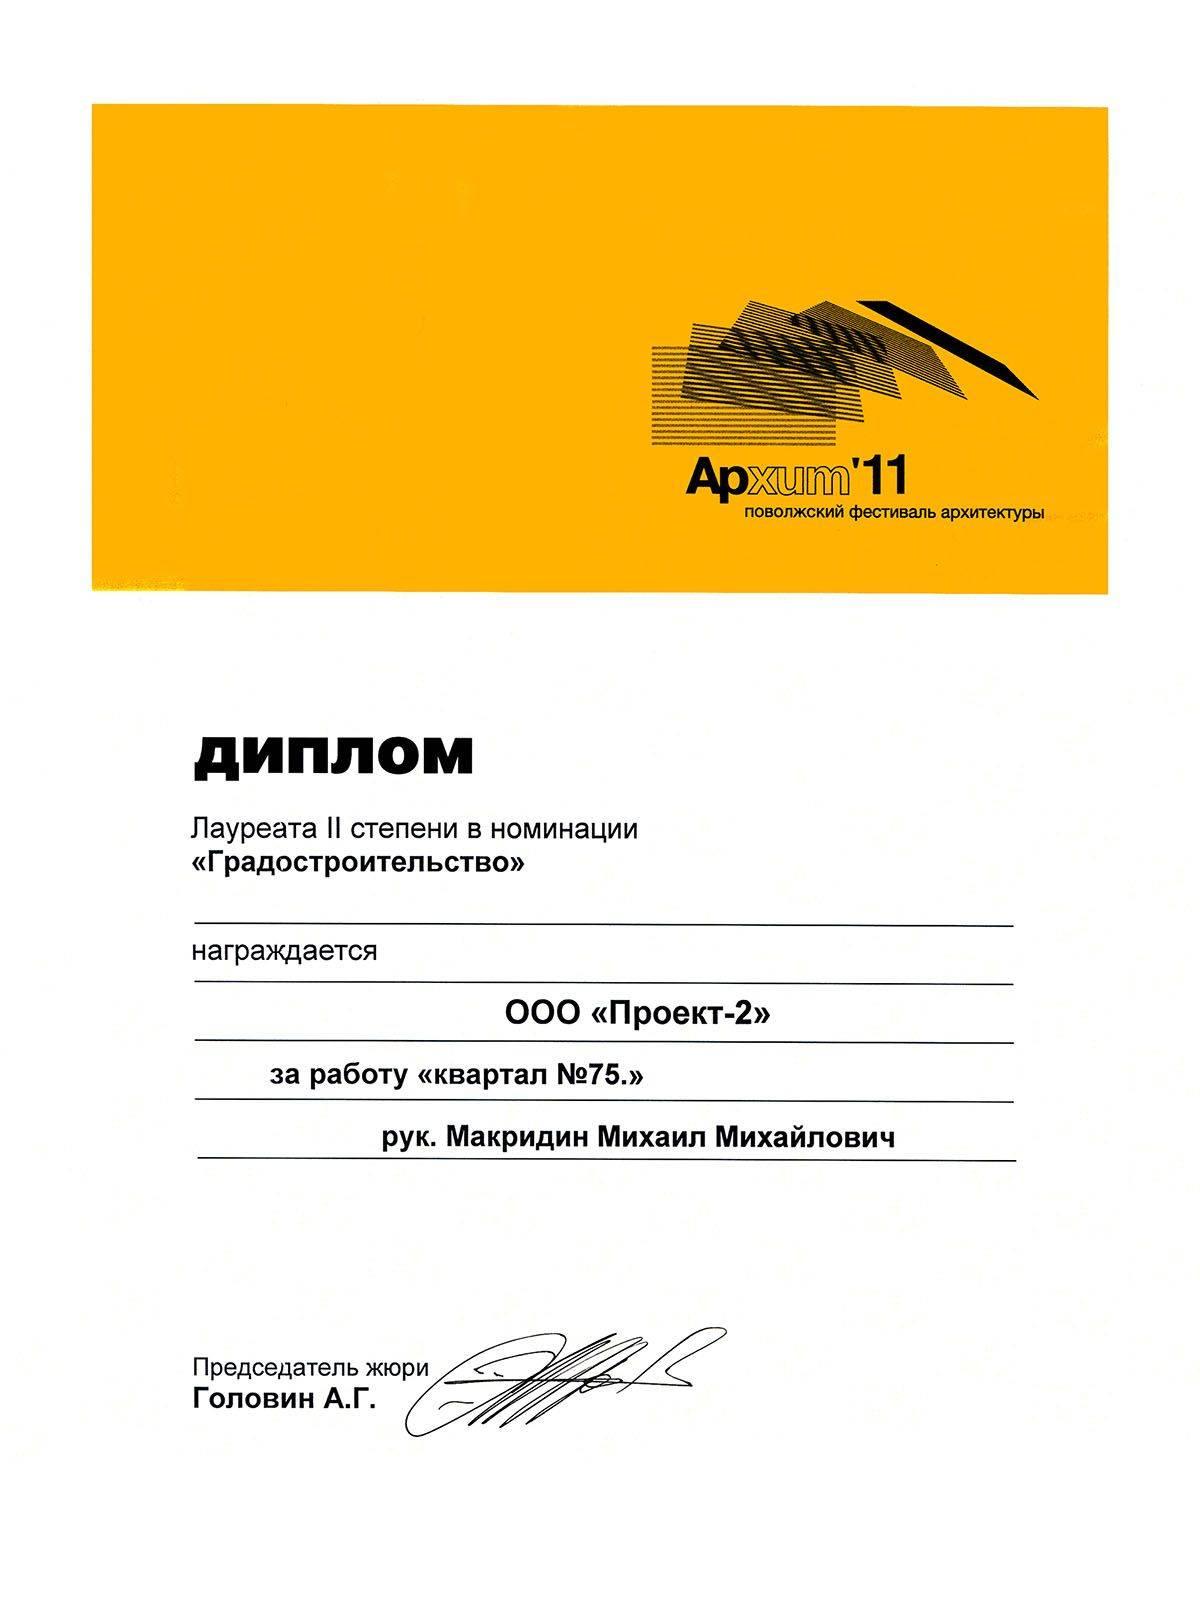 Поволжский фестиваль архитектуры «Архит'11»